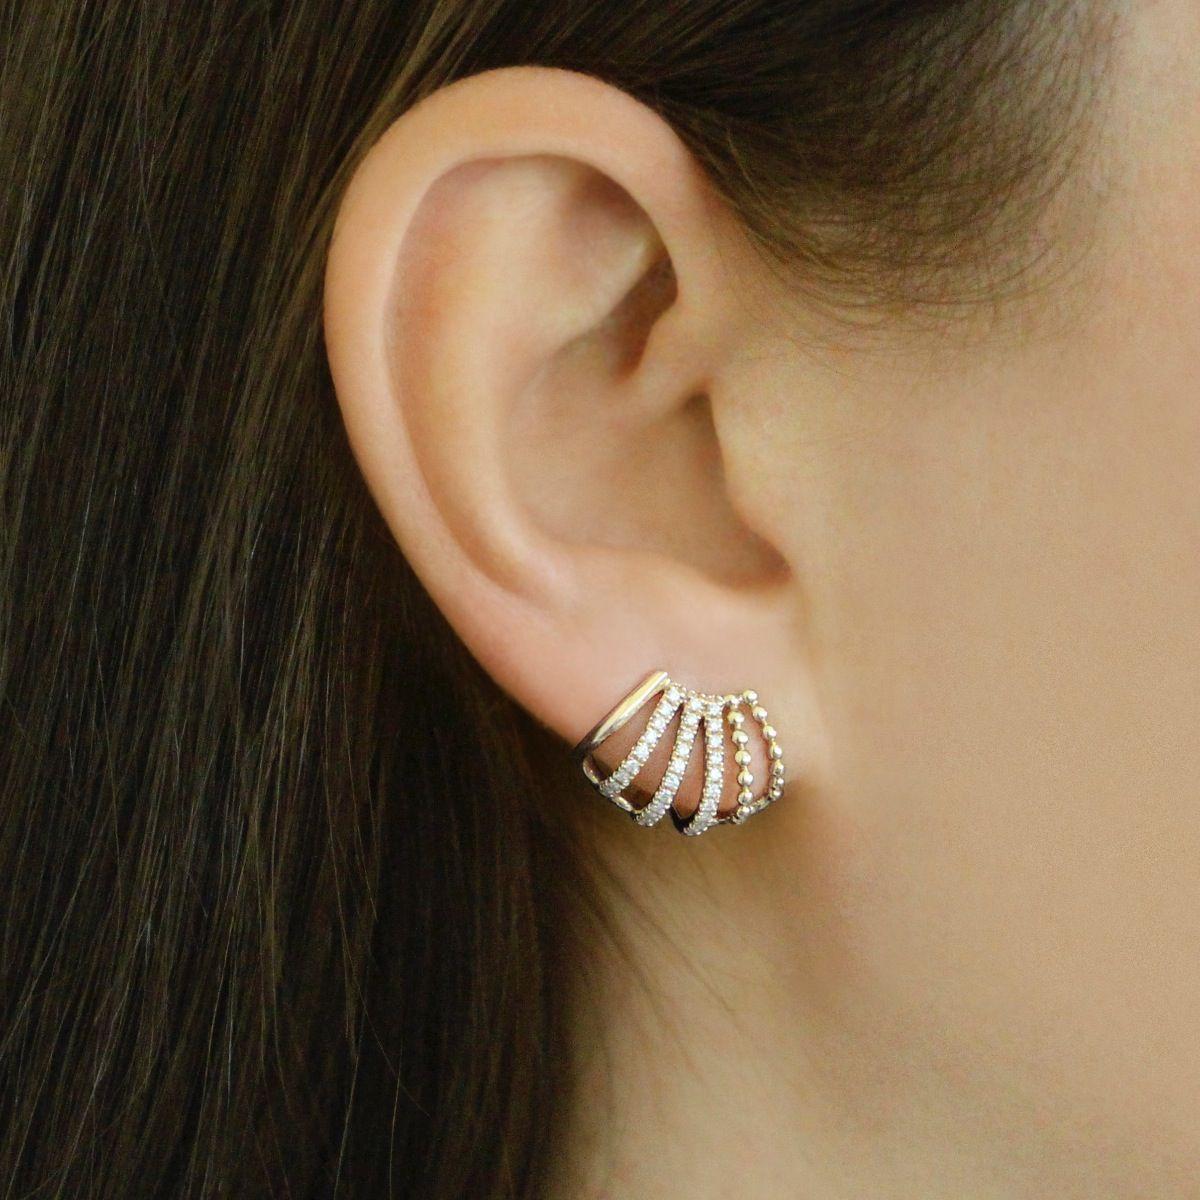 2nd ear piercing ideas  poppy rae white gold diamond huggies e  Bling it  Pinterest